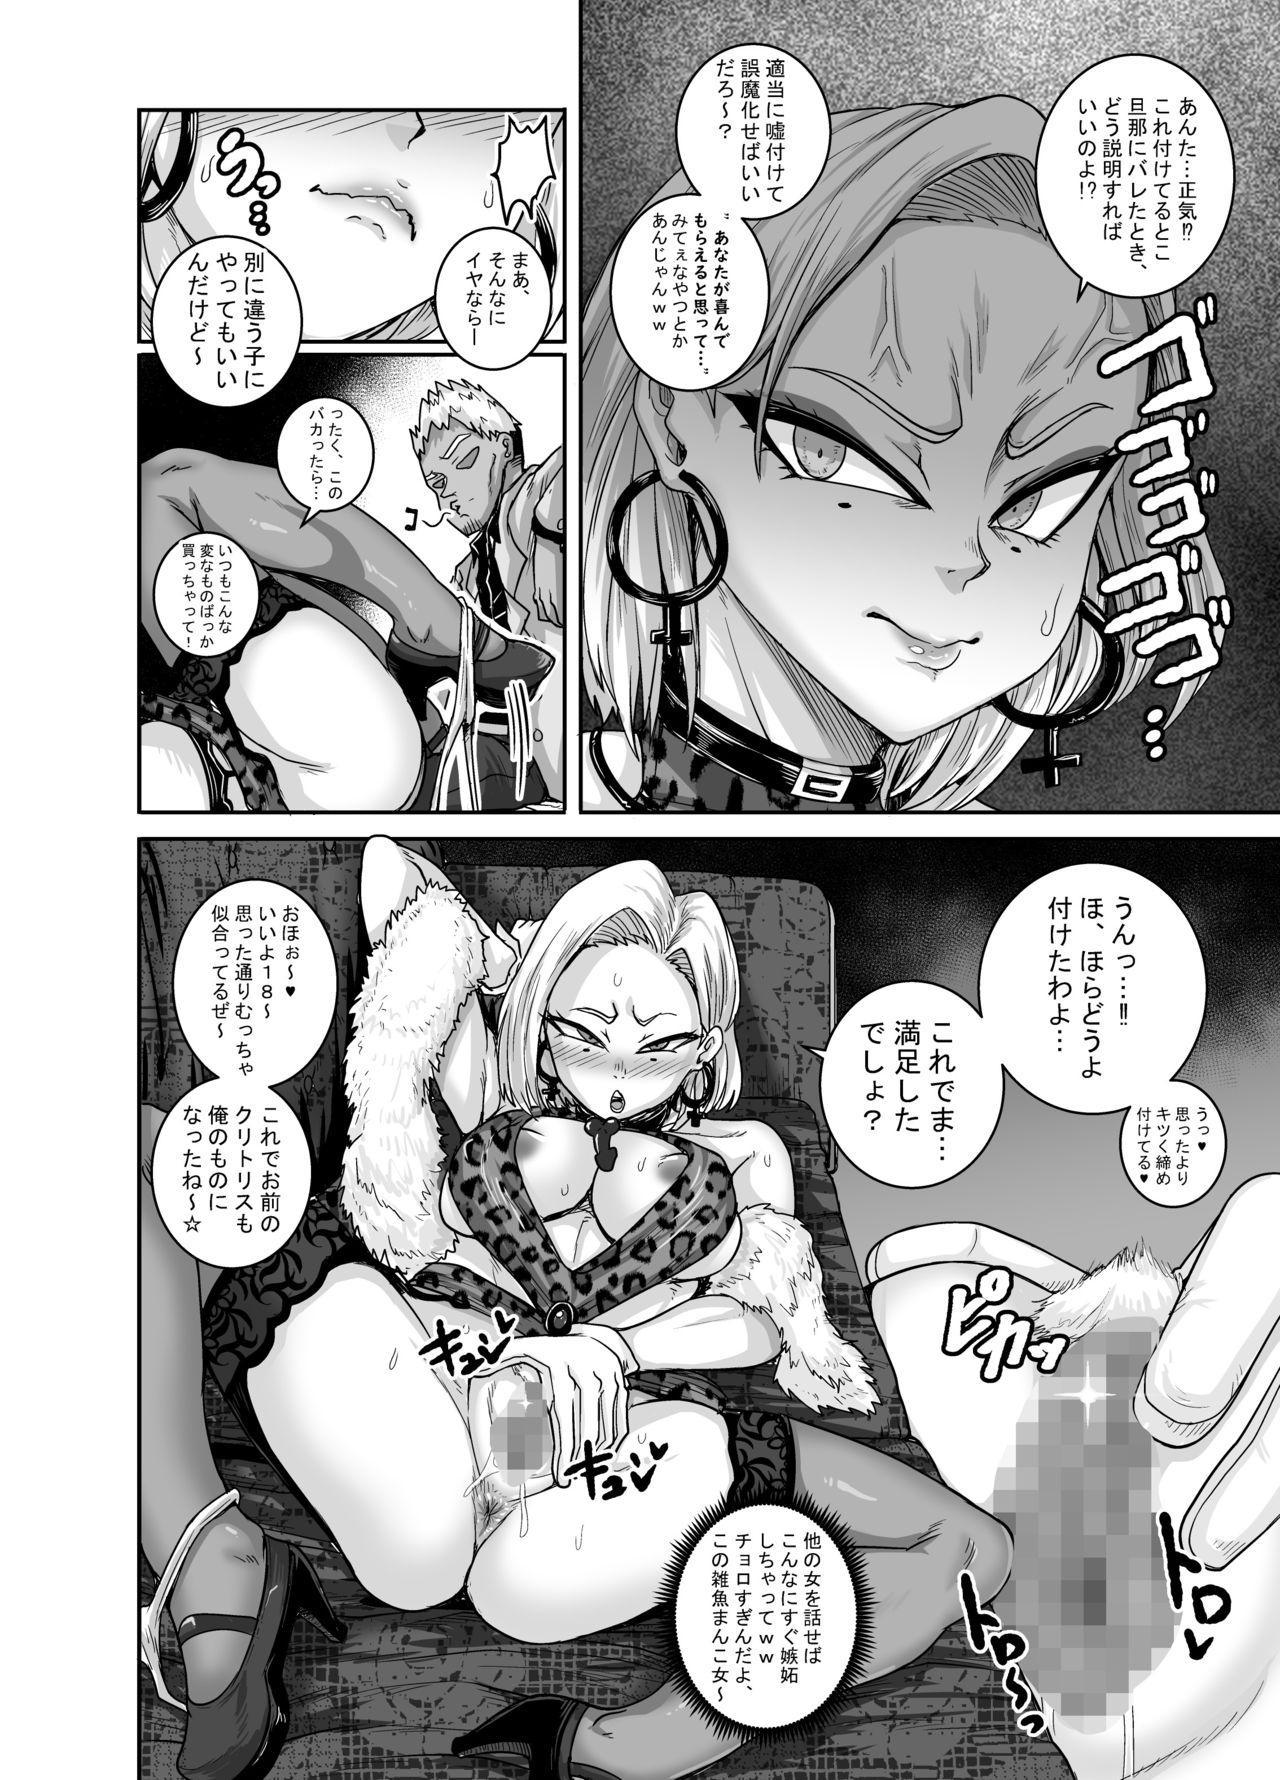 性欲に勝てないオンナ(人造人間)+ フルカラー4ページ漫画(ラフタリア&ツナデ) 22